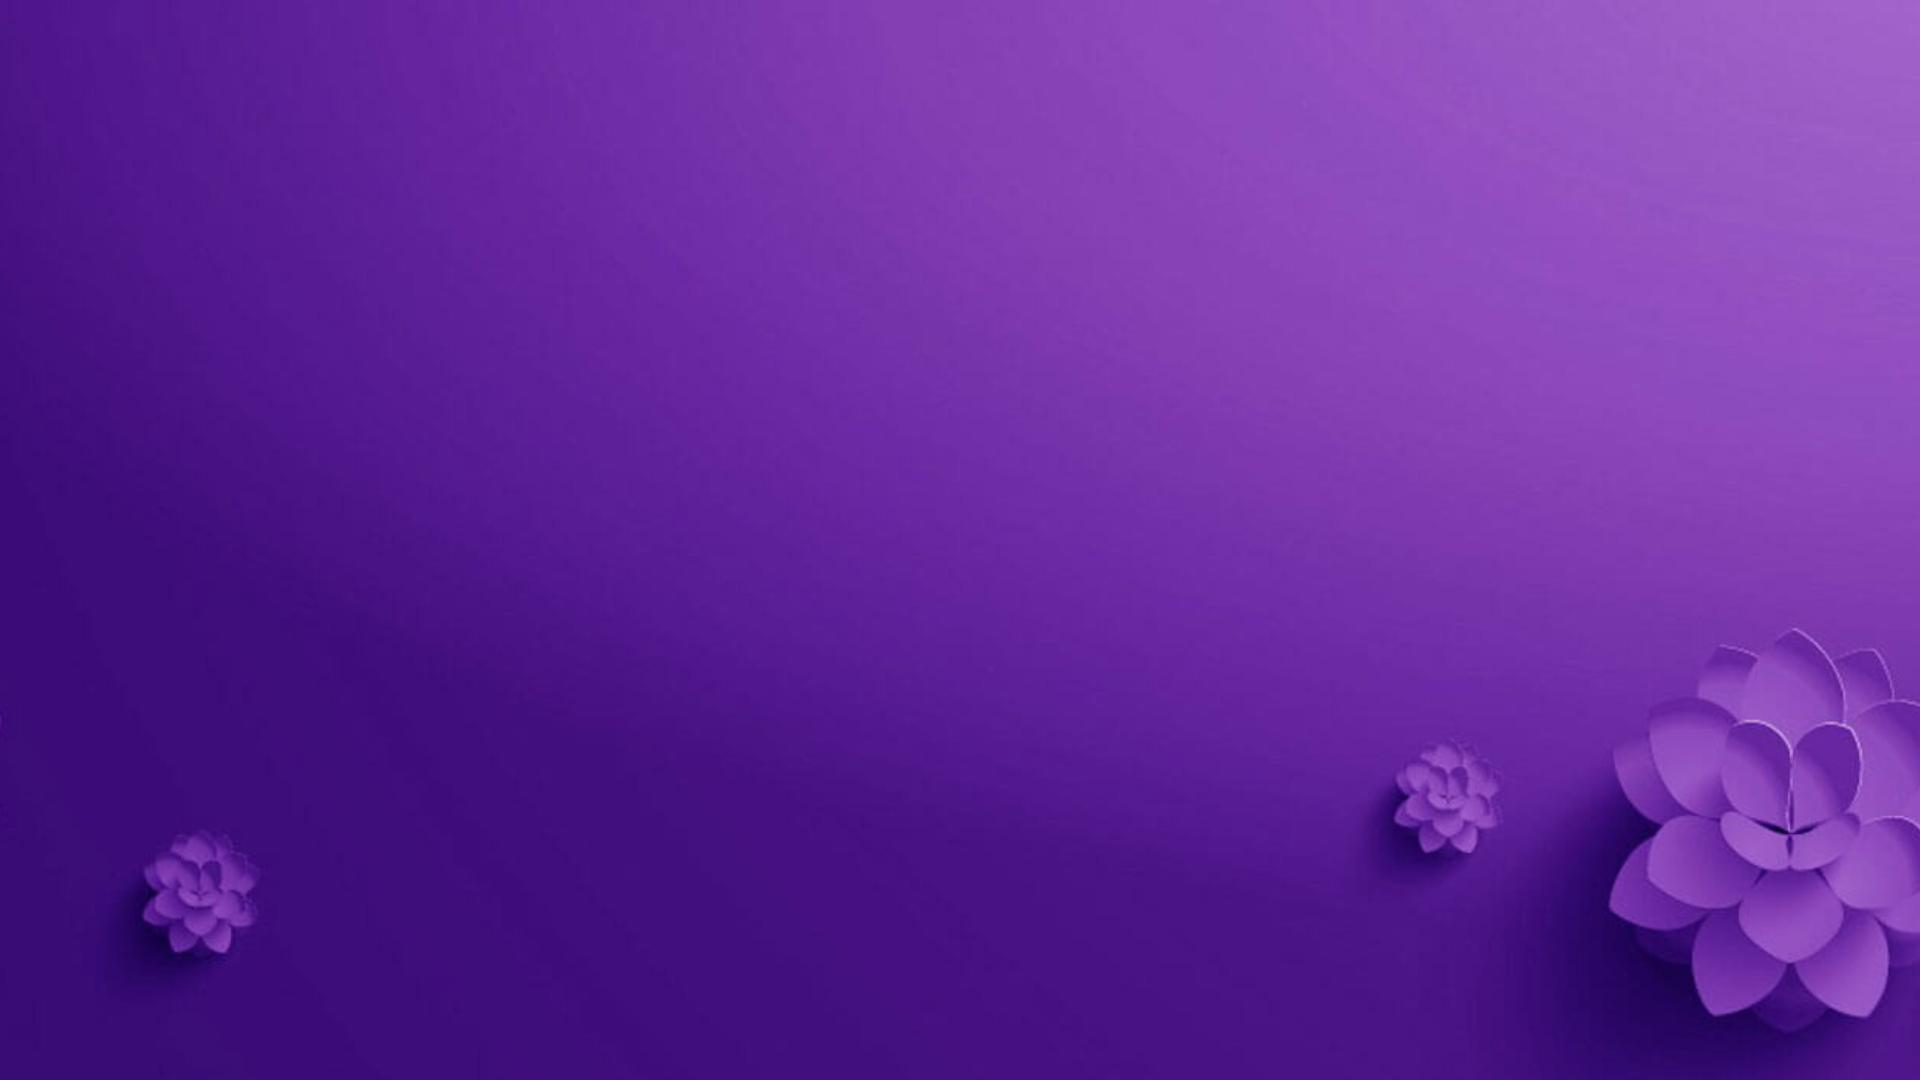 Hình ảnh background nền tím liên hoa